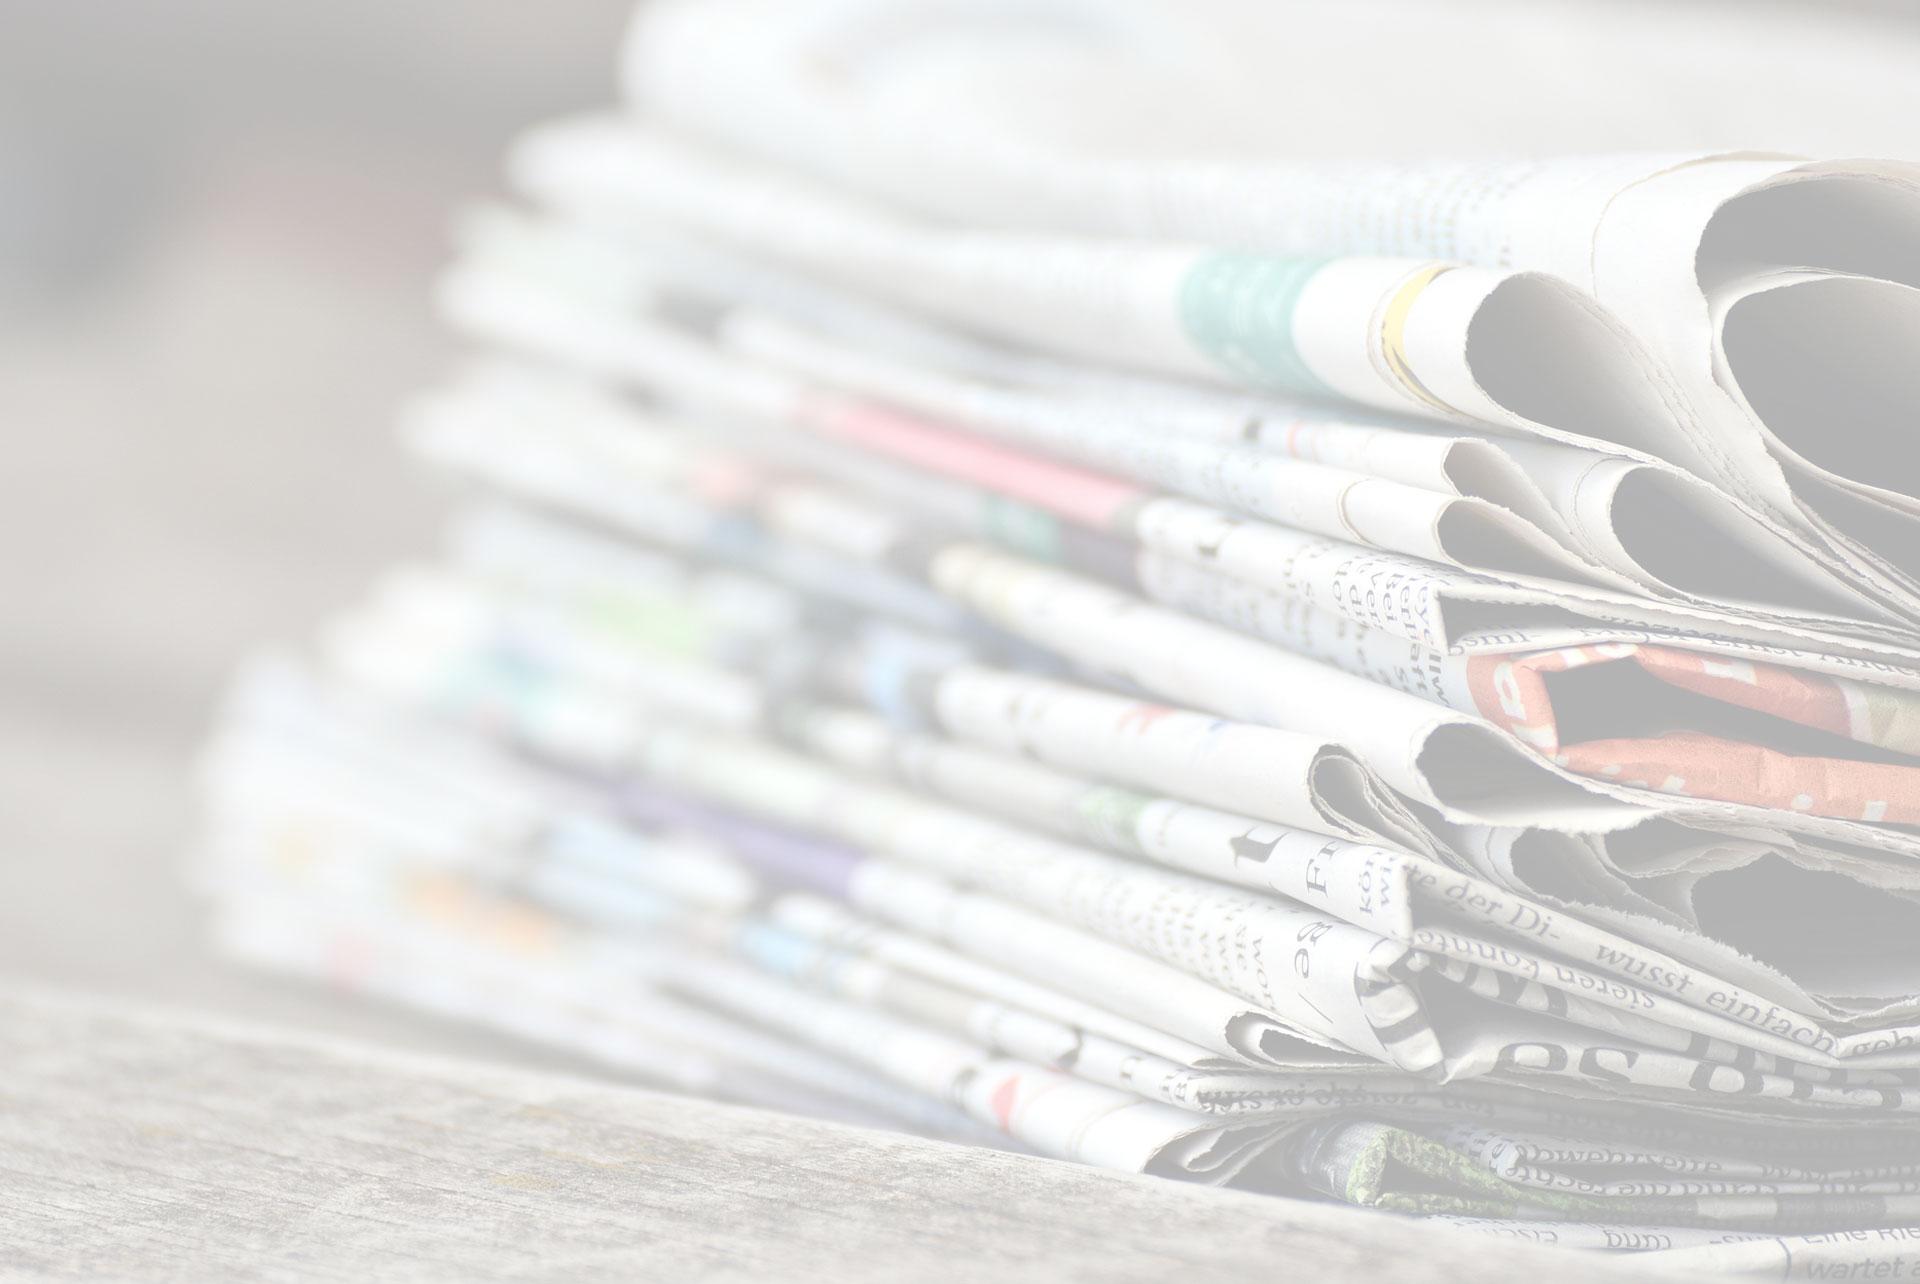 Coronavirus, arrivati i medici e gli infermieri albanesi. Ra